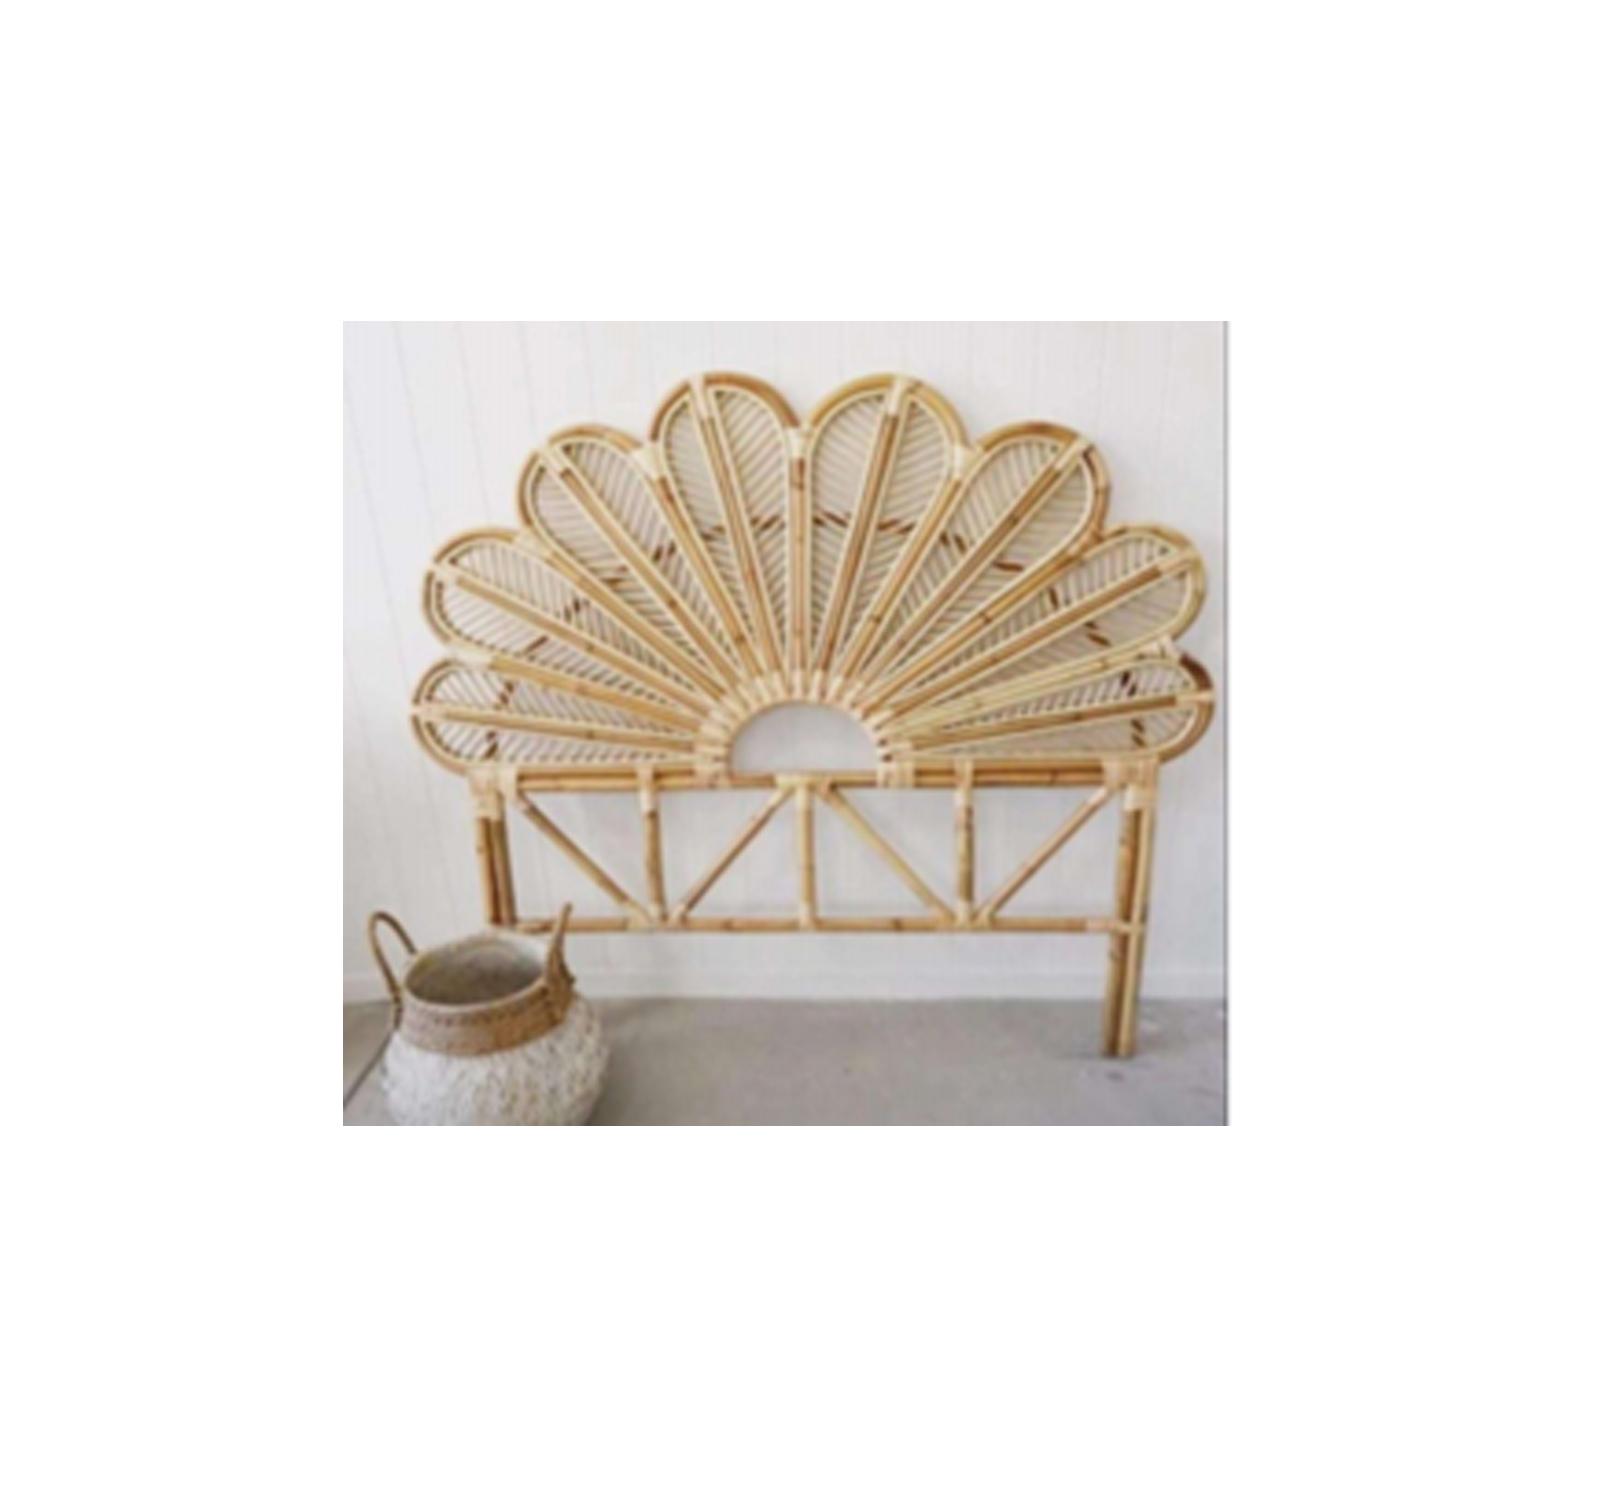 'Fan' Bed heads from